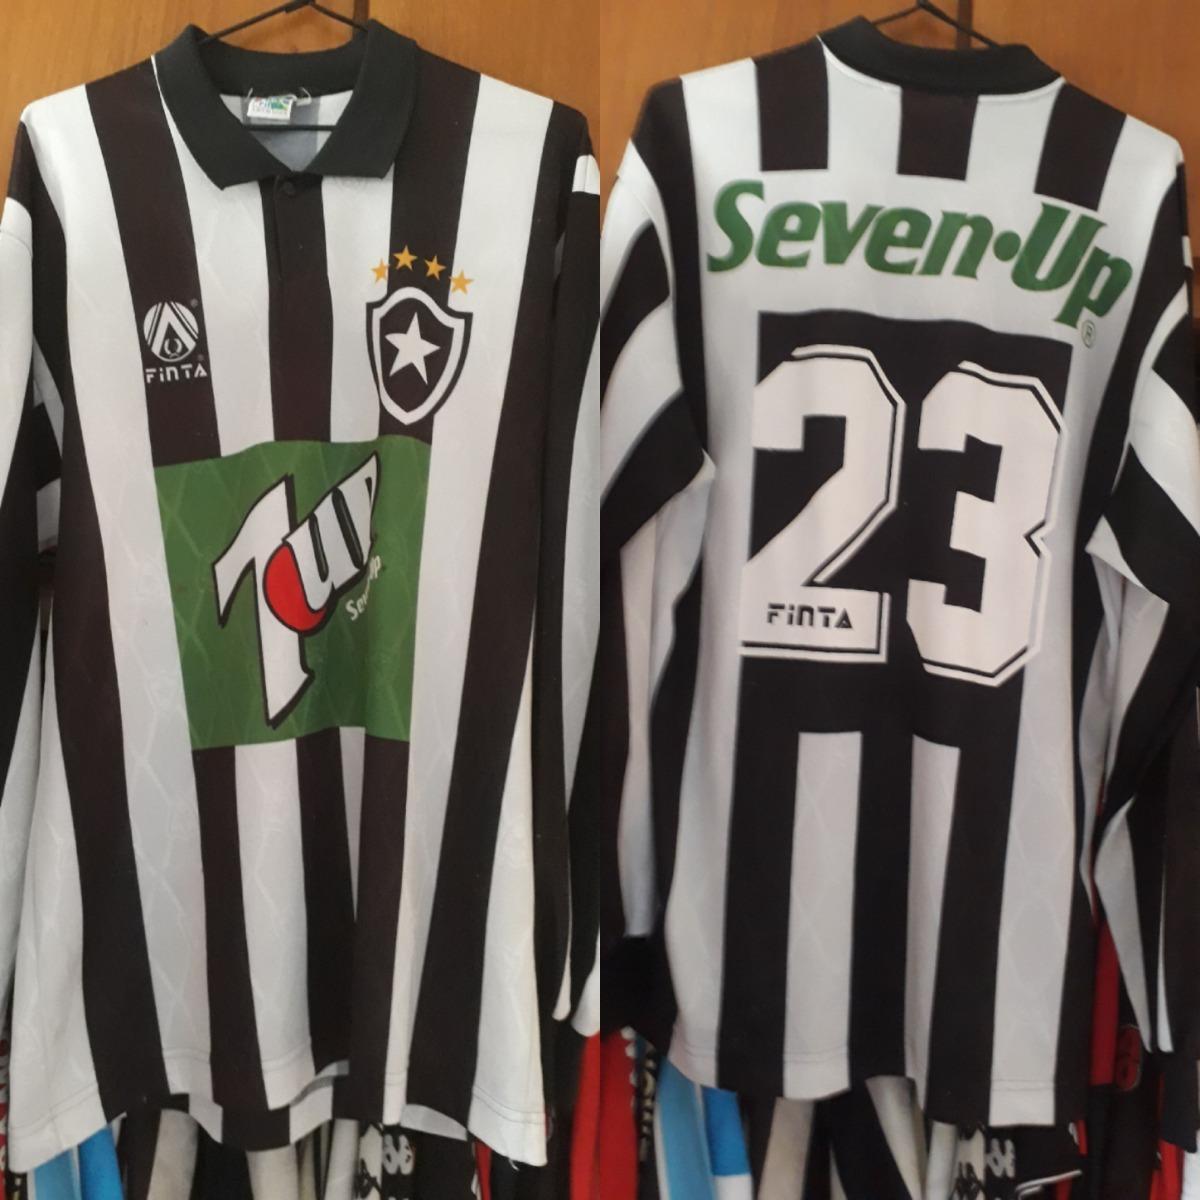 506af7ca58532 Camisa Finta Botafogo Manga Longa Rara De 95 96 Seven Up - R  1.200 ...